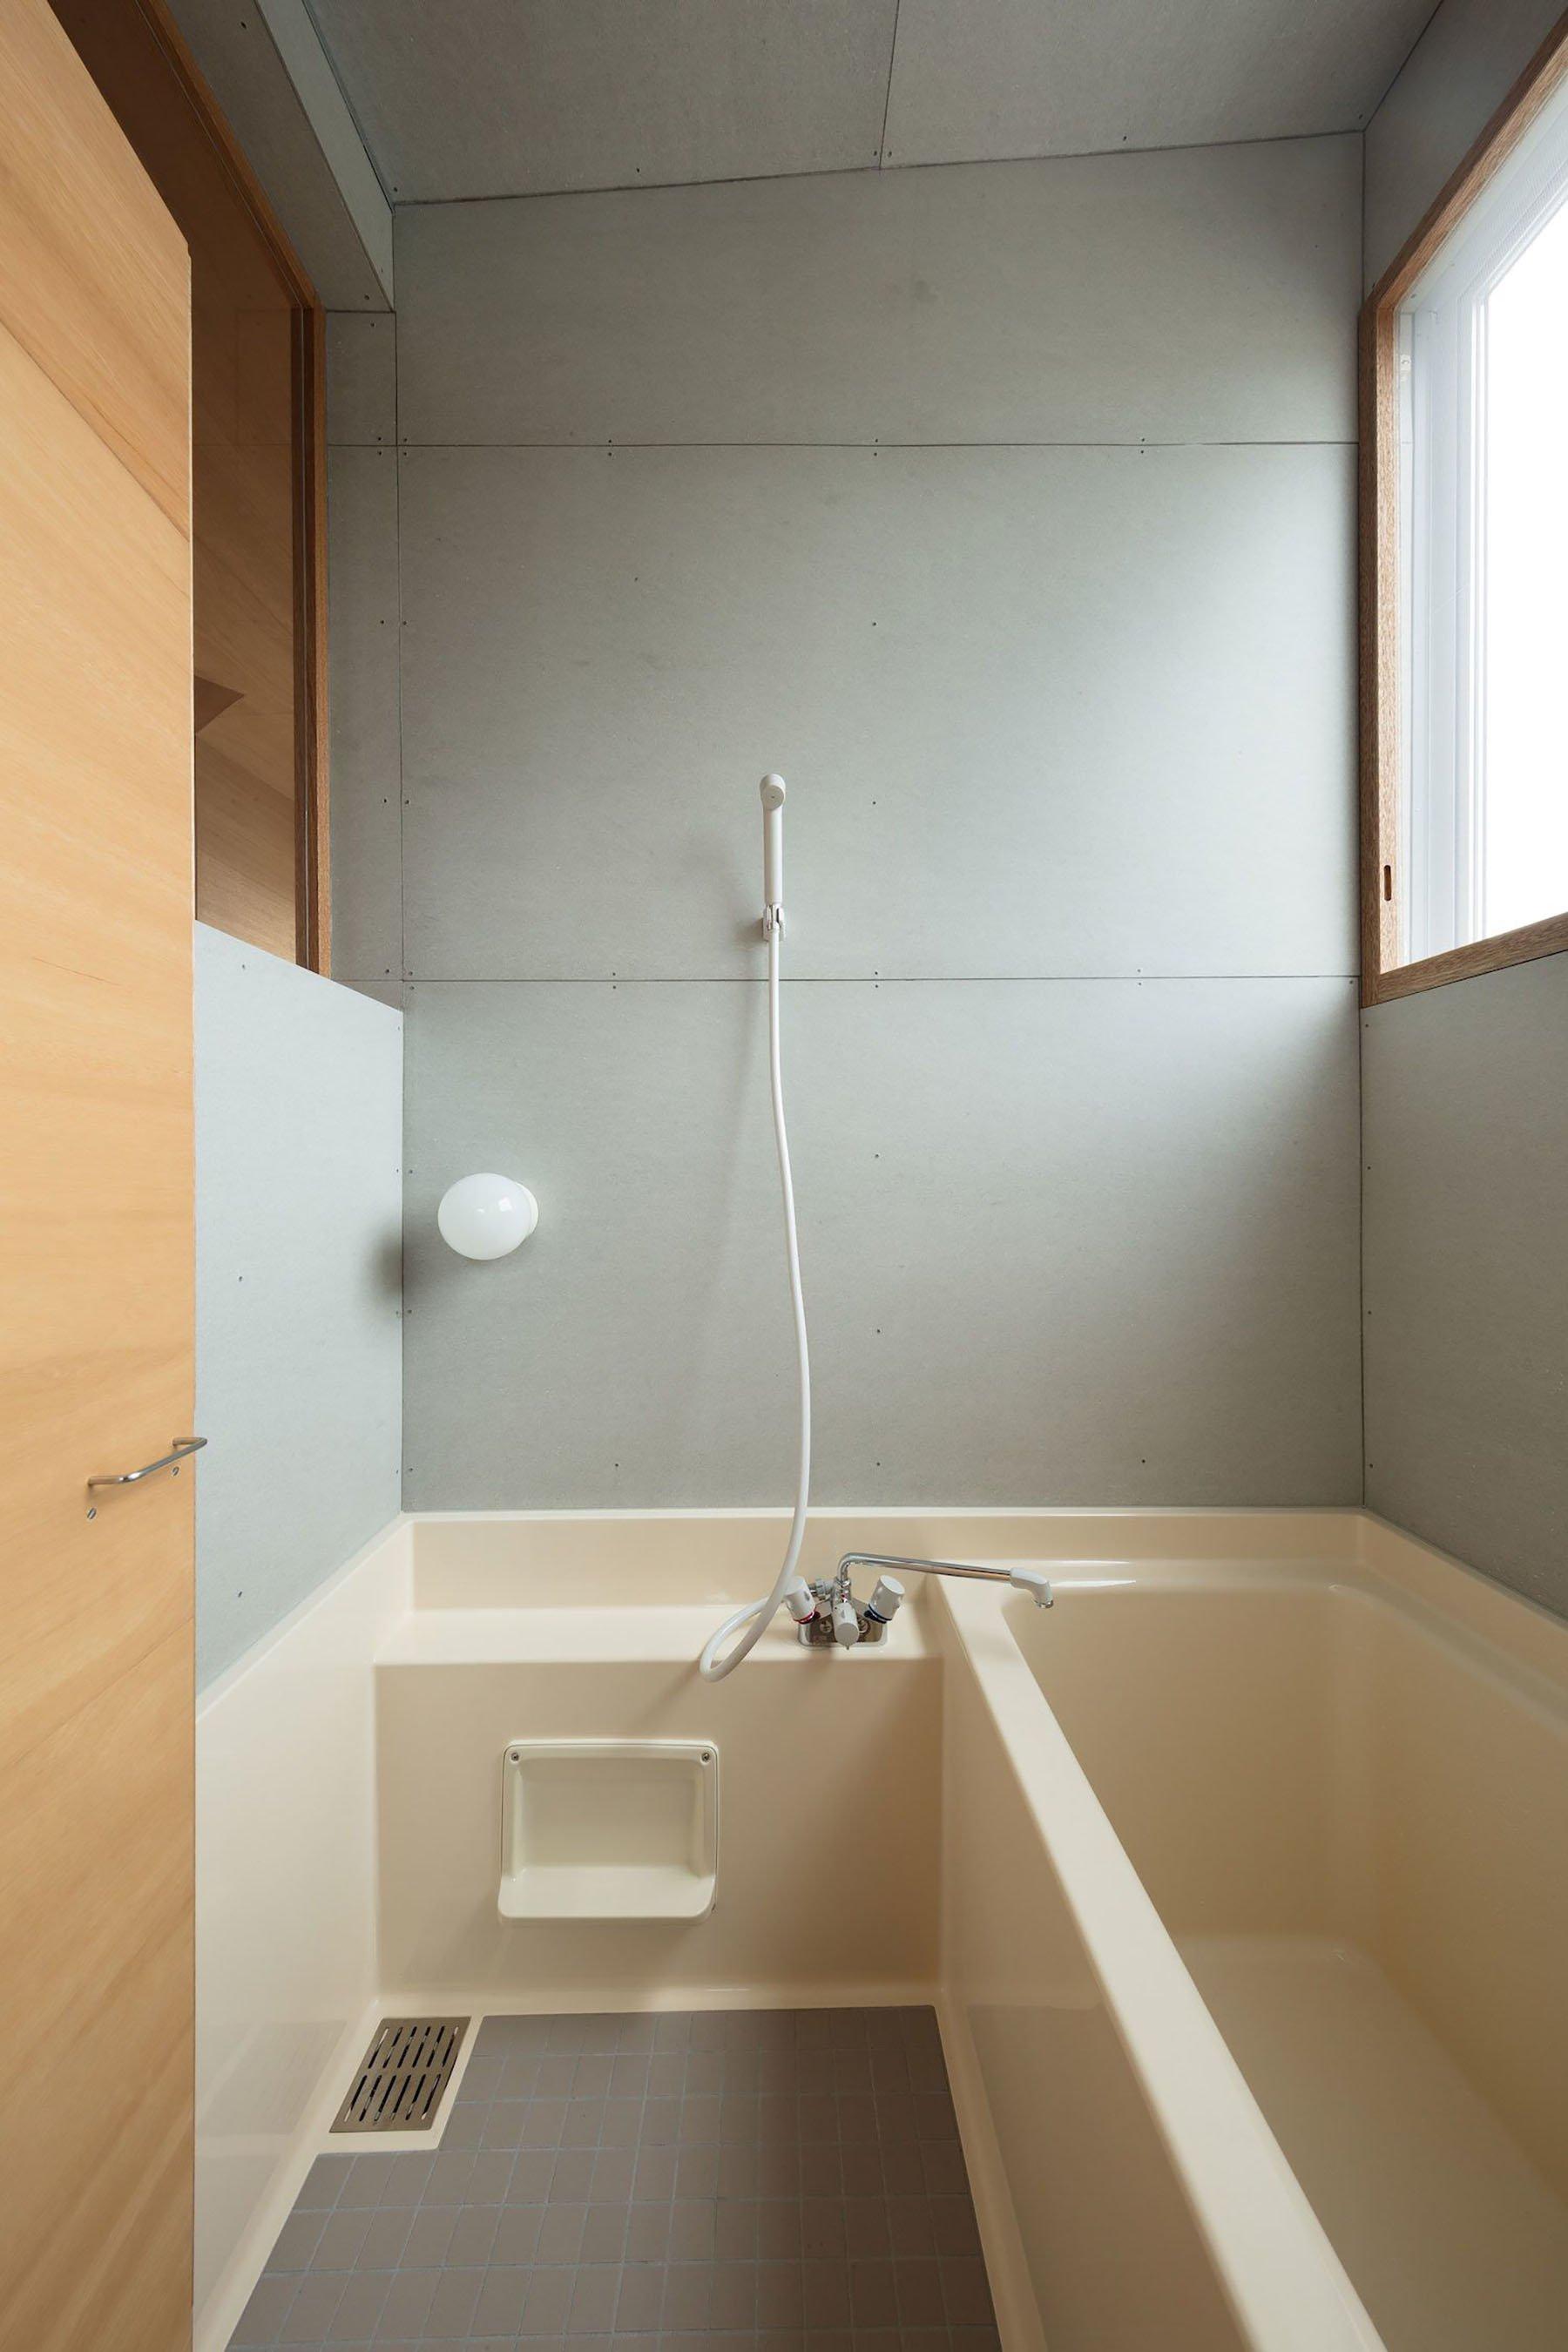 iGNANT-Architecture-Miya-Akiko-Roofs-And-Window-018